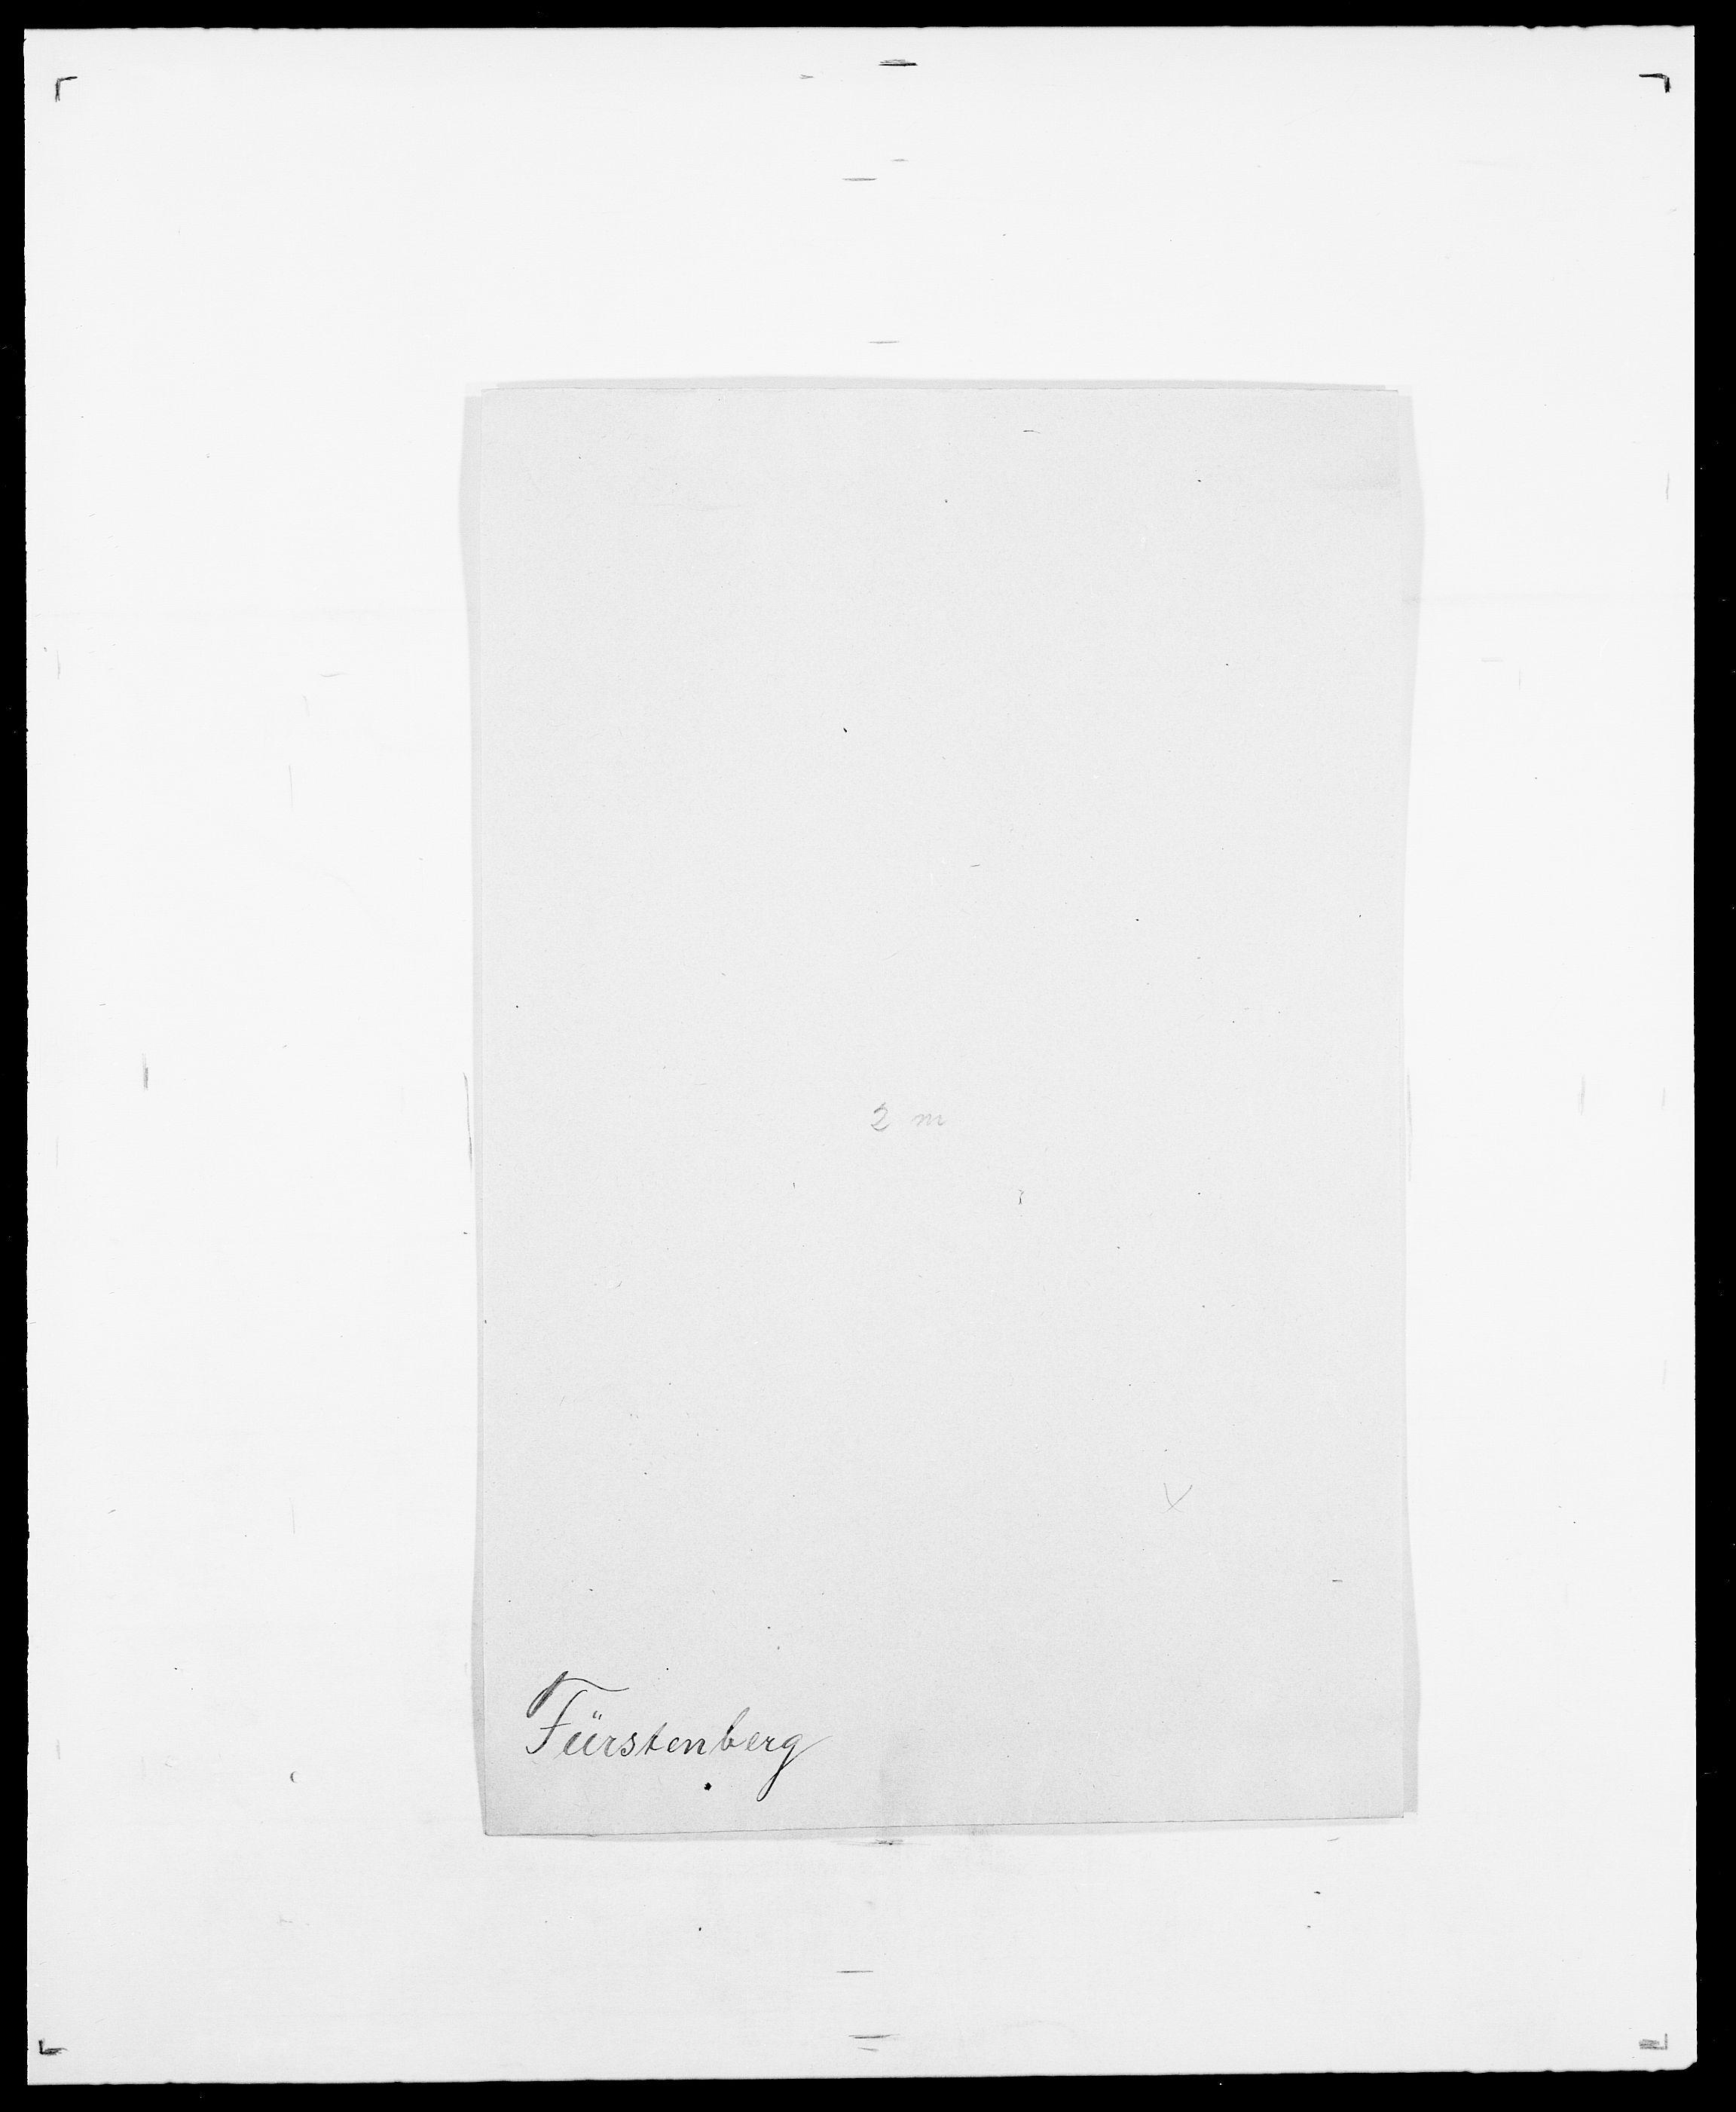 SAO, Delgobe, Charles Antoine - samling, D/Da/L0013: Forbos - Geving, s. 260